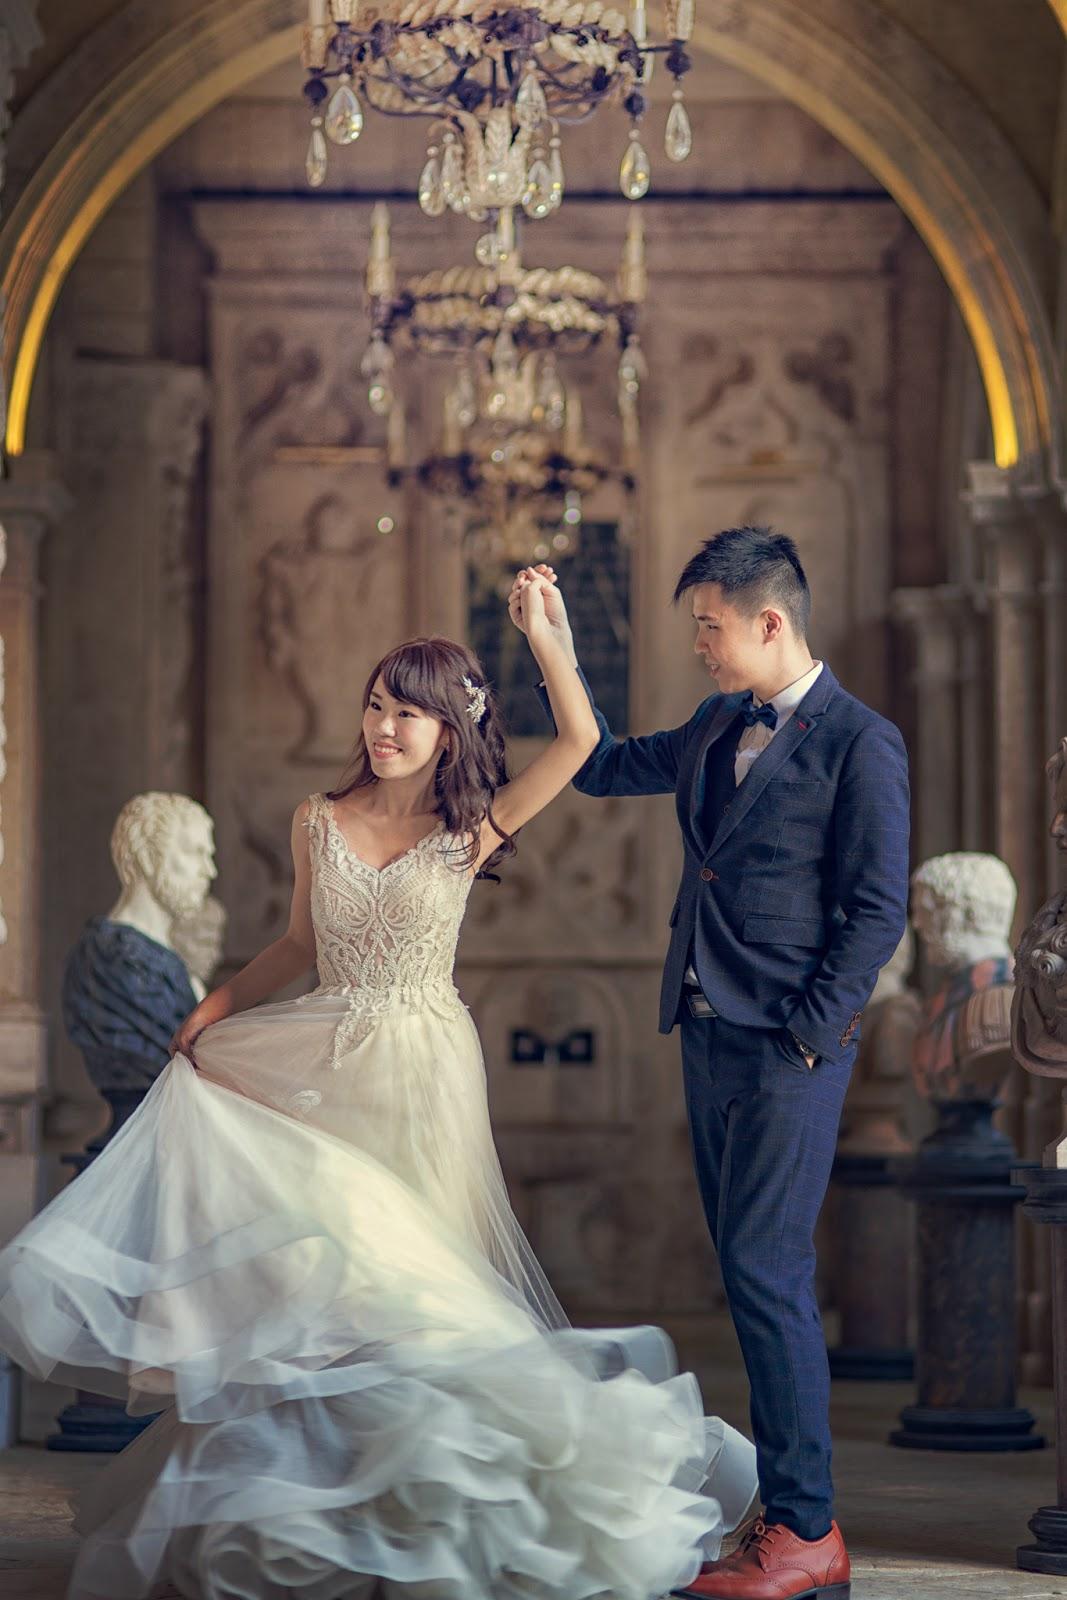 [老英格蘭婚紗] 台北婚紗推薦 國內自助婚紗 歐洲巴黎風格 香港新人 布拉格遊玩 海外婚紗 城堡婚紗 白雪公主 超值婚紗 ptt結婚版